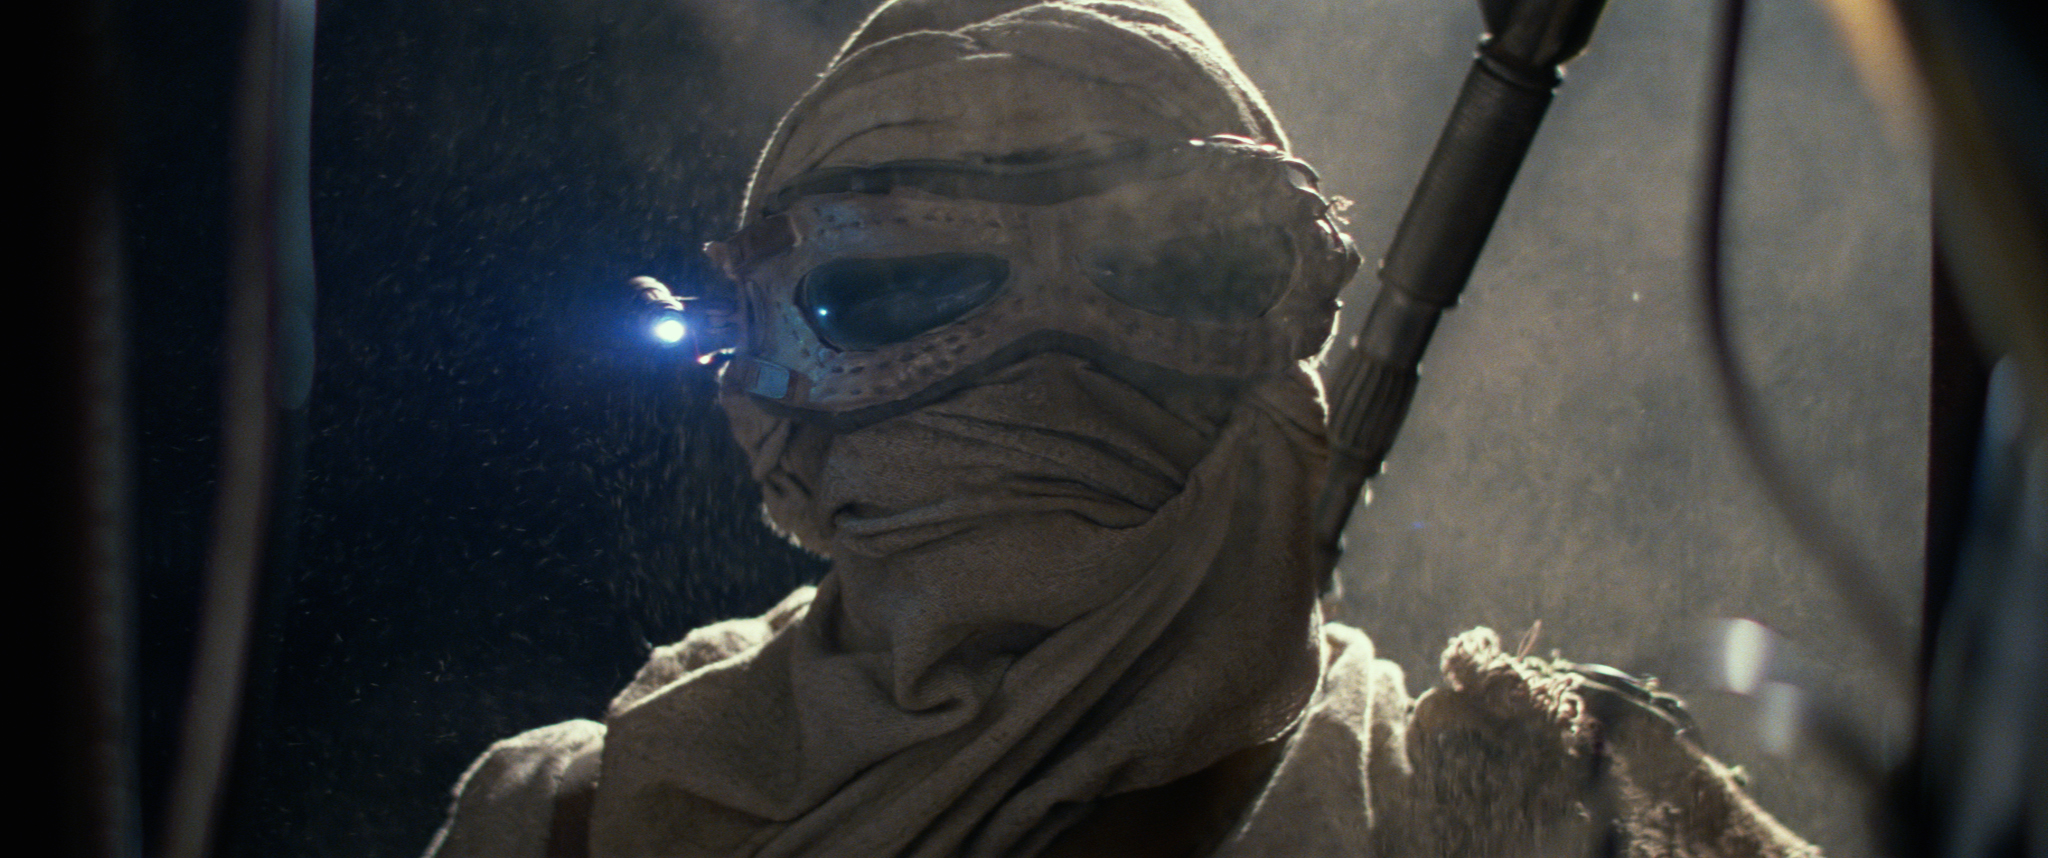 TheForceAwakens-Trailer3-2